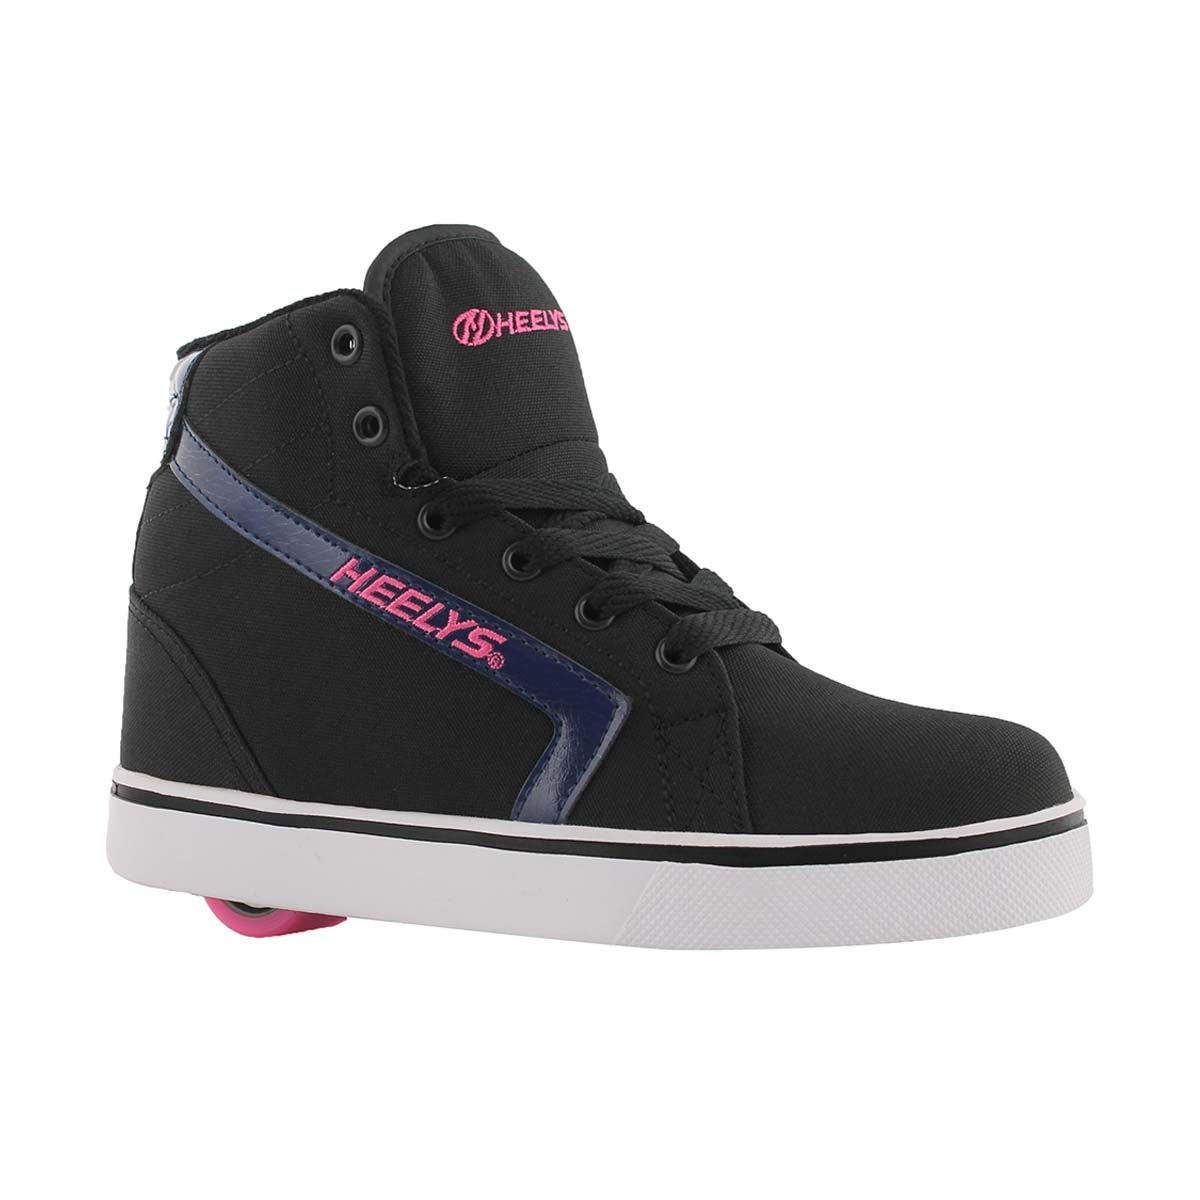 Girls' Gr8r HI black/pink skate sneakers